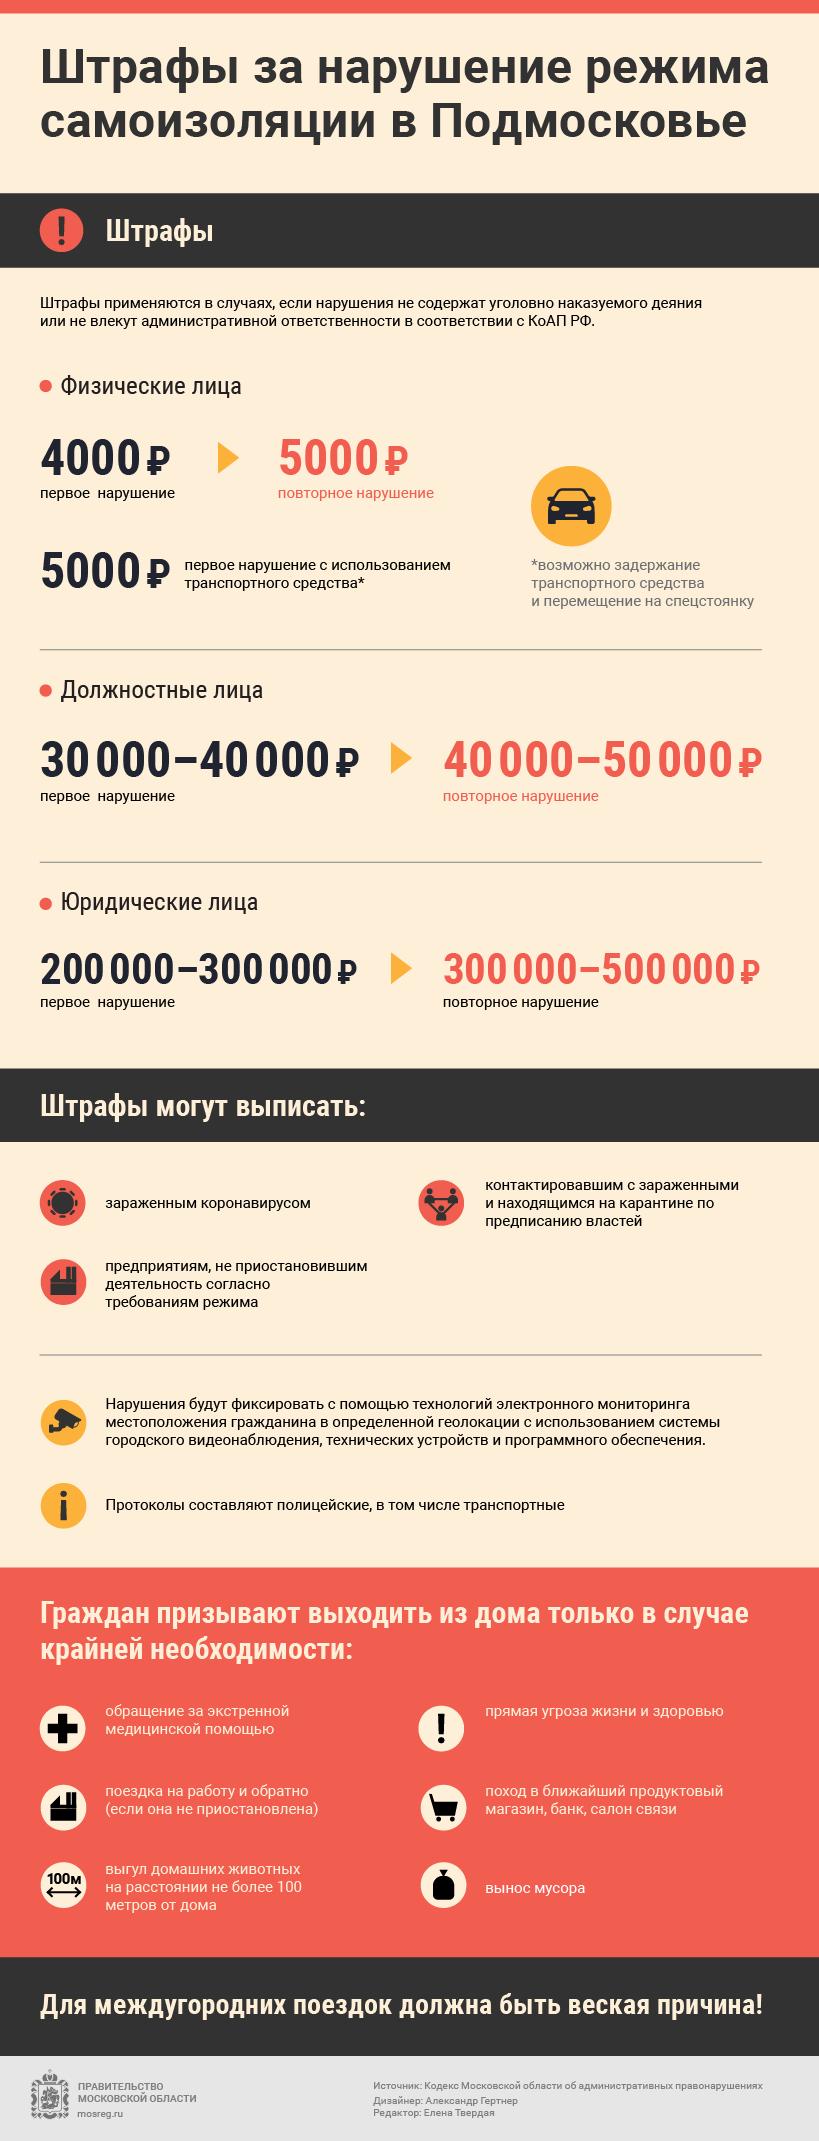 таблица штрафов за нарушение режима самоизоляции в московской области